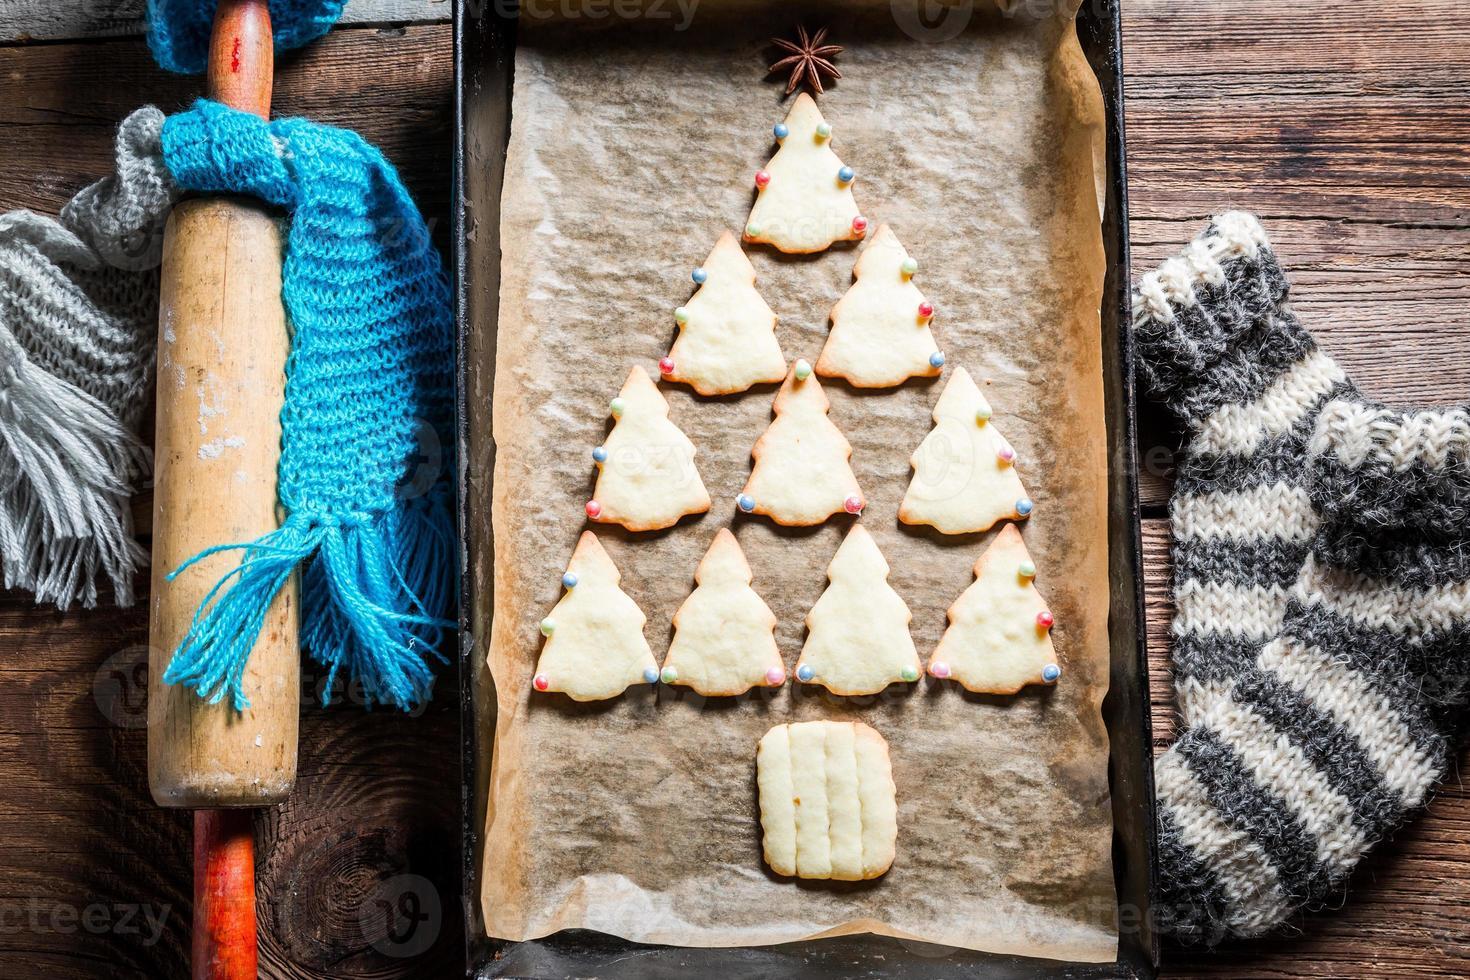 süßer Weihnachtsbaum mit Lebkuchenplätzchen angeordnet foto